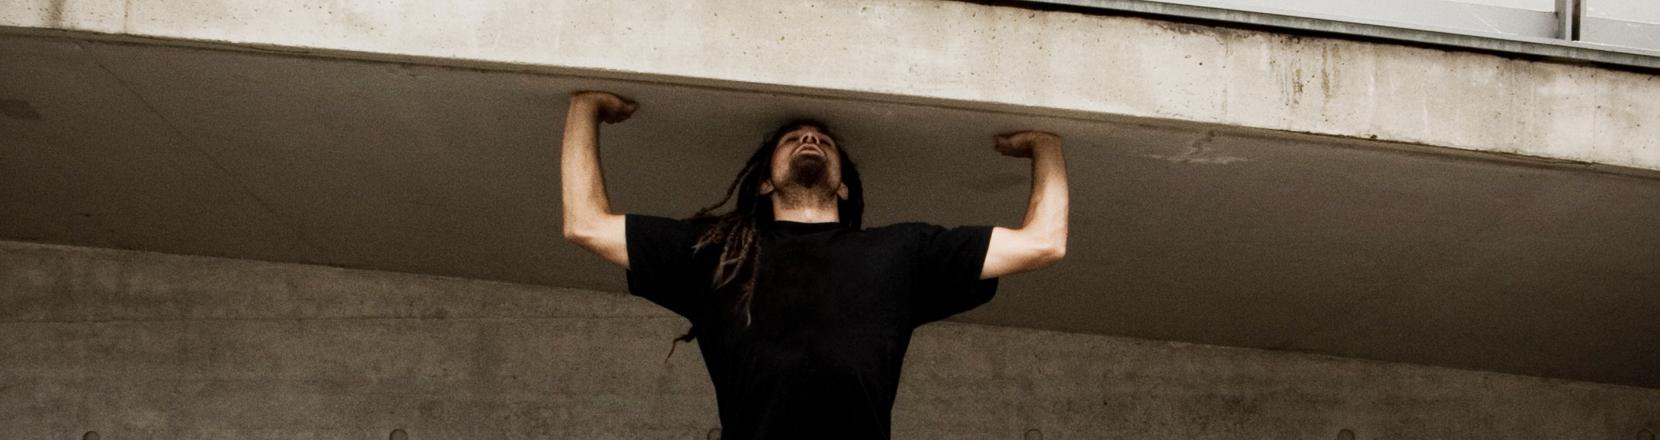 Ein Mann tut so, als könnt er er ein Treppenaufgang auf seinen Armen halten.